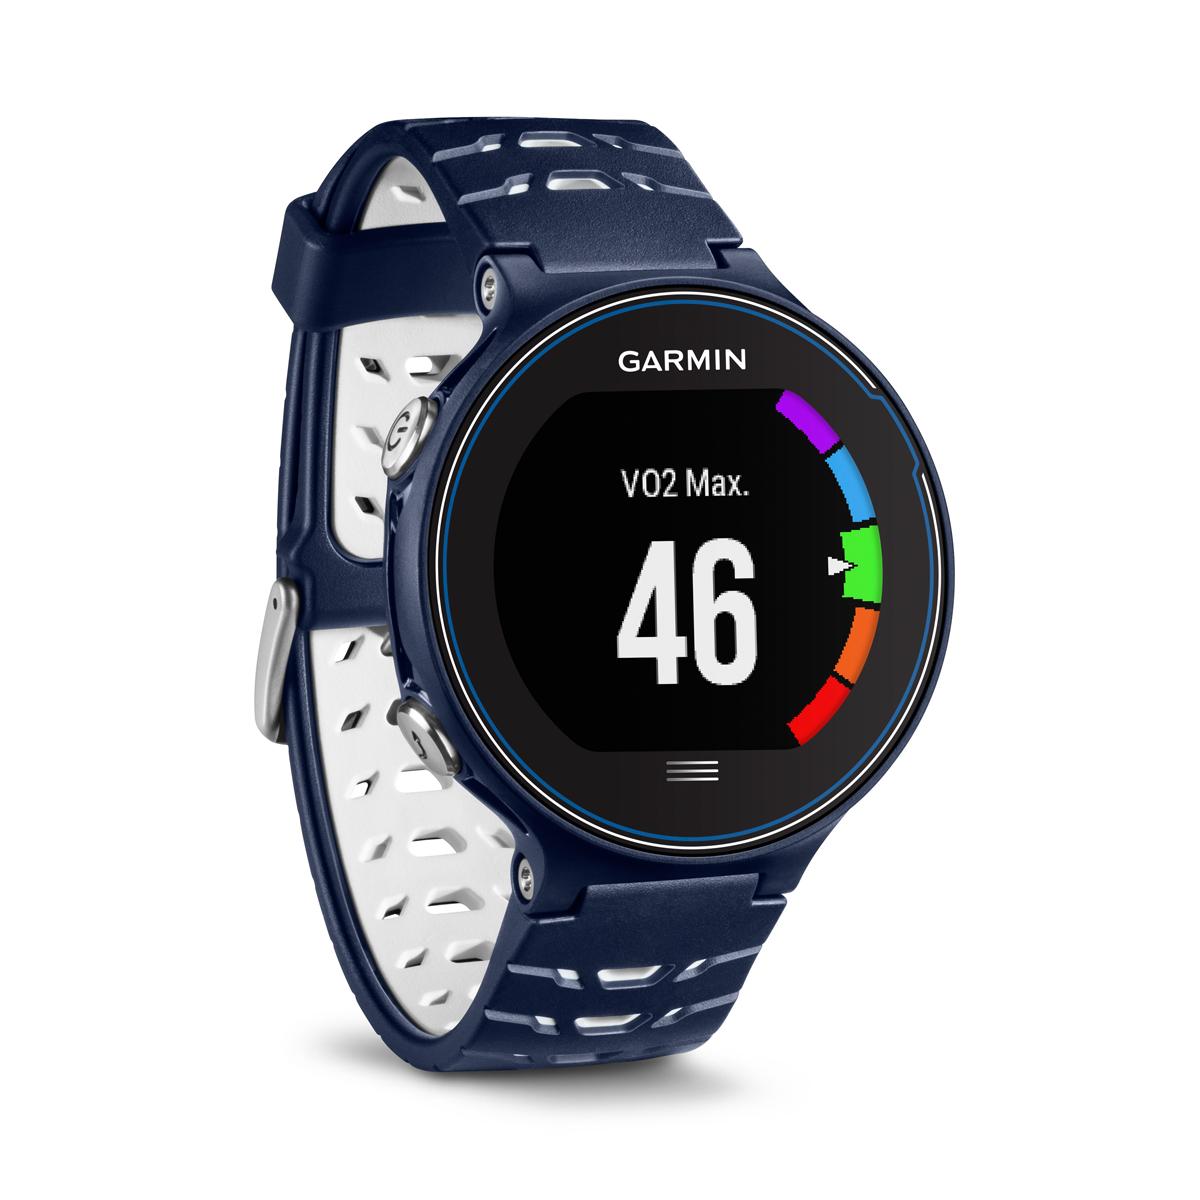 Спортивные часы Garmin Forerunner 630, цвет: темно-синий. 010-03717-21010-03717-55Смарт-часыGPSс расширенными беговыми даннымиМониторинг: Физической активности;Калорий;СнаДатчики: GPS- трекер;Счетчик калорийОсобенности: Влагозащищенный;Оповещения со смартфона;Часы;Водонепроницаемый;Умный тренер (Smart Coach )Совместимое ОС: GARMINМатериал корпуса: ПластикМатериал ремешка/браслета: ПластикДлина ремешка: 16 см Время работы: 4 неделиИнтерфейс: BluetoothМетод зарядки: microUSB 2.0Вид аккумулятора: Li-ionЕмкость аккумулятора: 300 mA